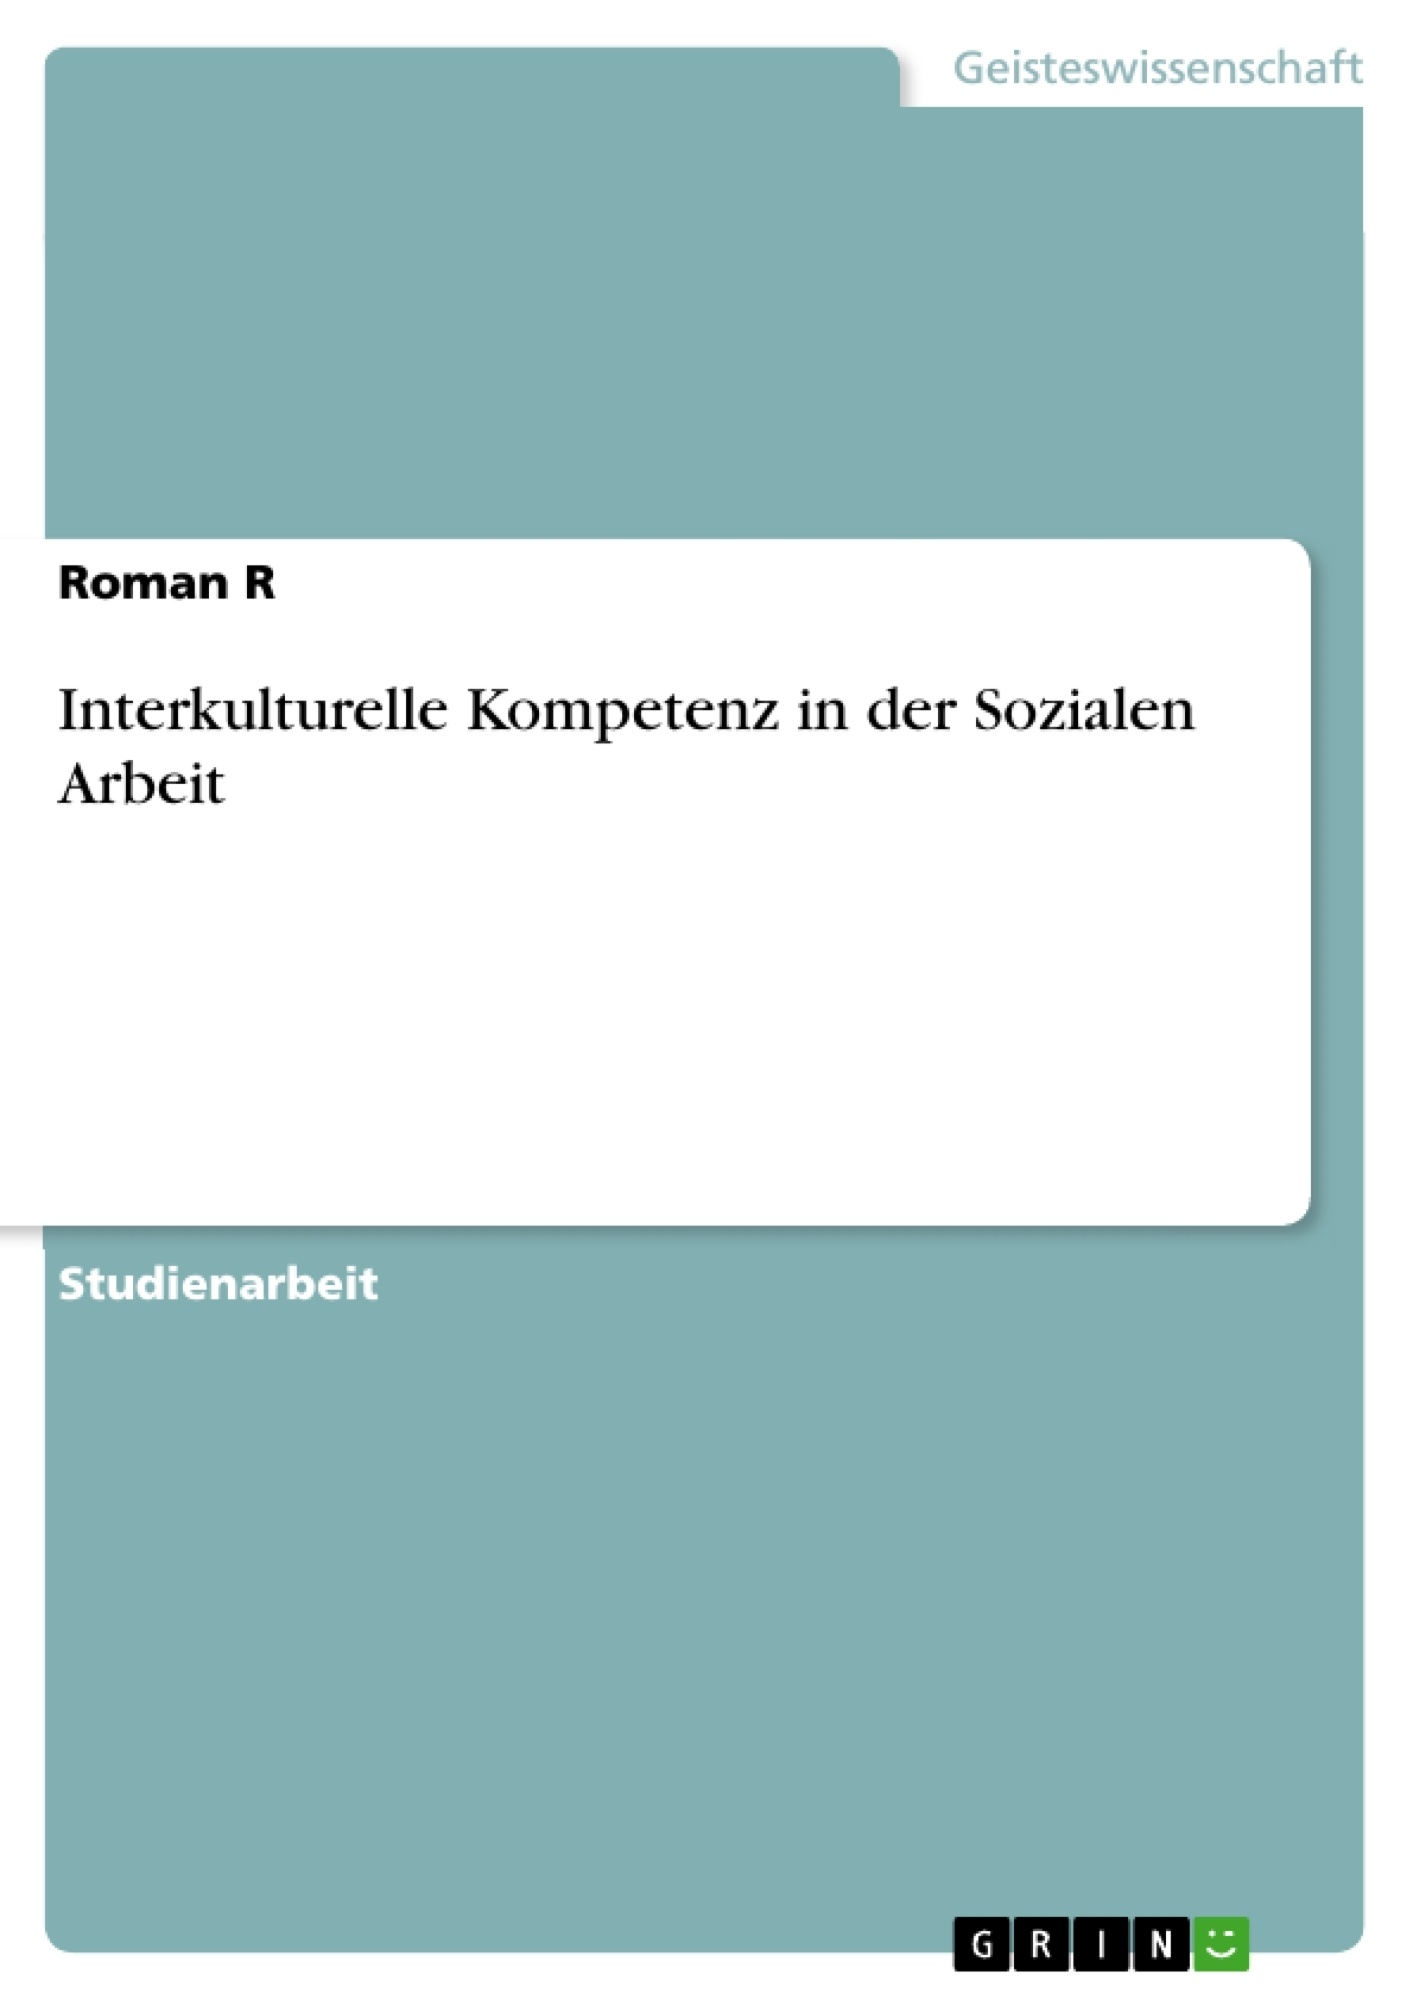 Titel: Interkulturelle Kompetenz in der Sozialen Arbeit